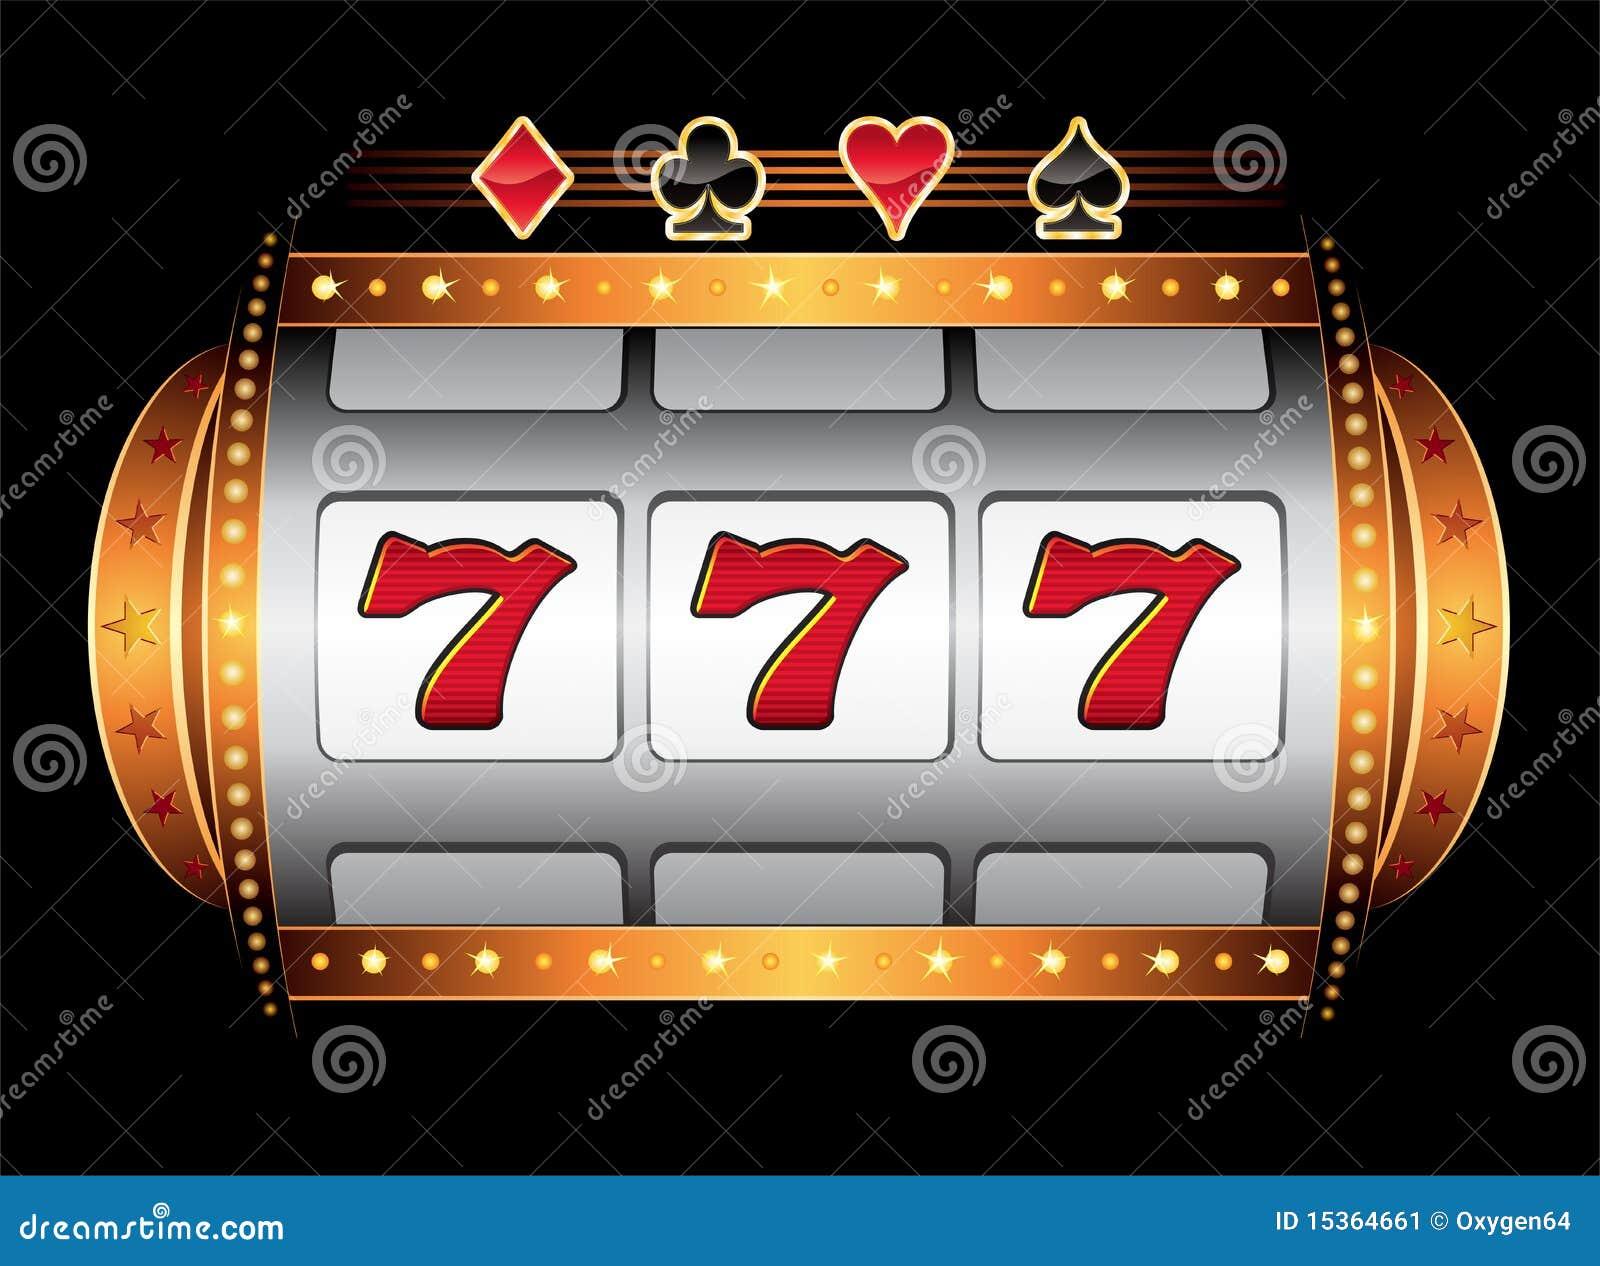 m%C3%A1quina-del-casino-15364661.jpg